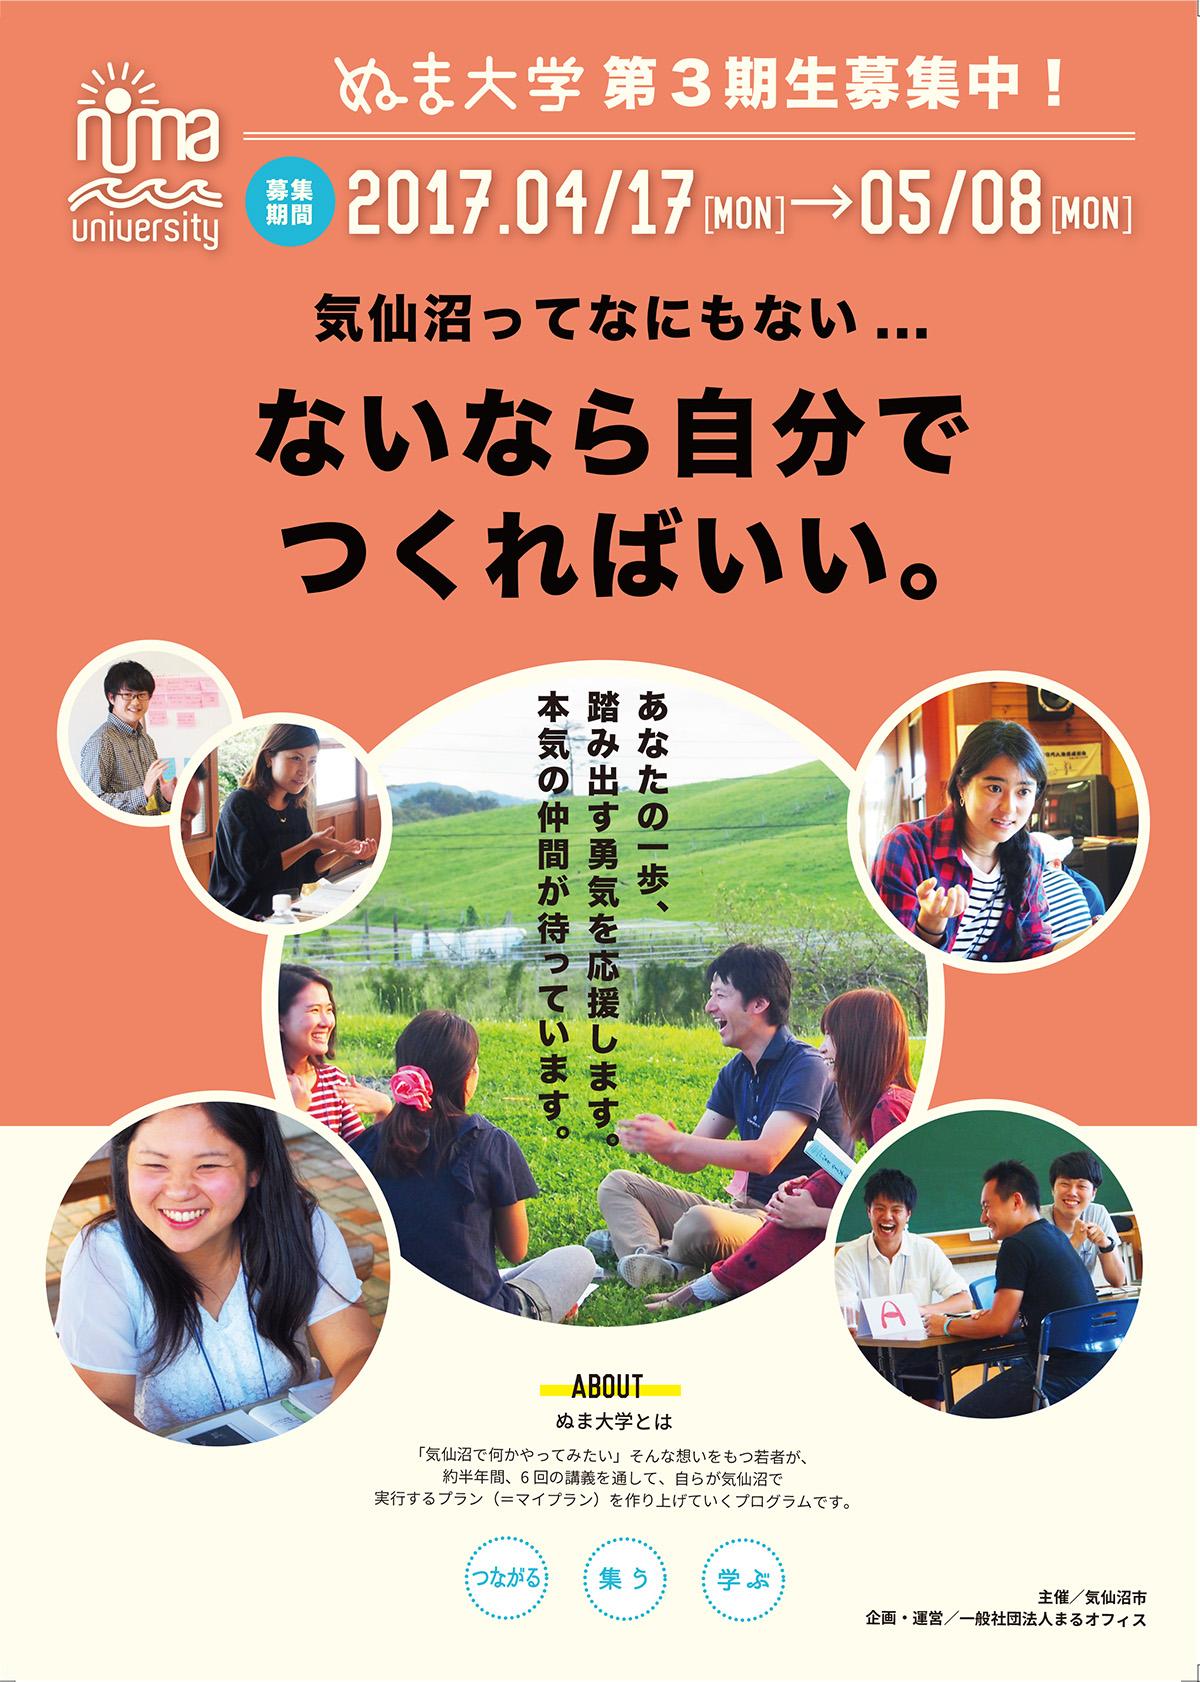 ぬま大学vol.3募集チラシ